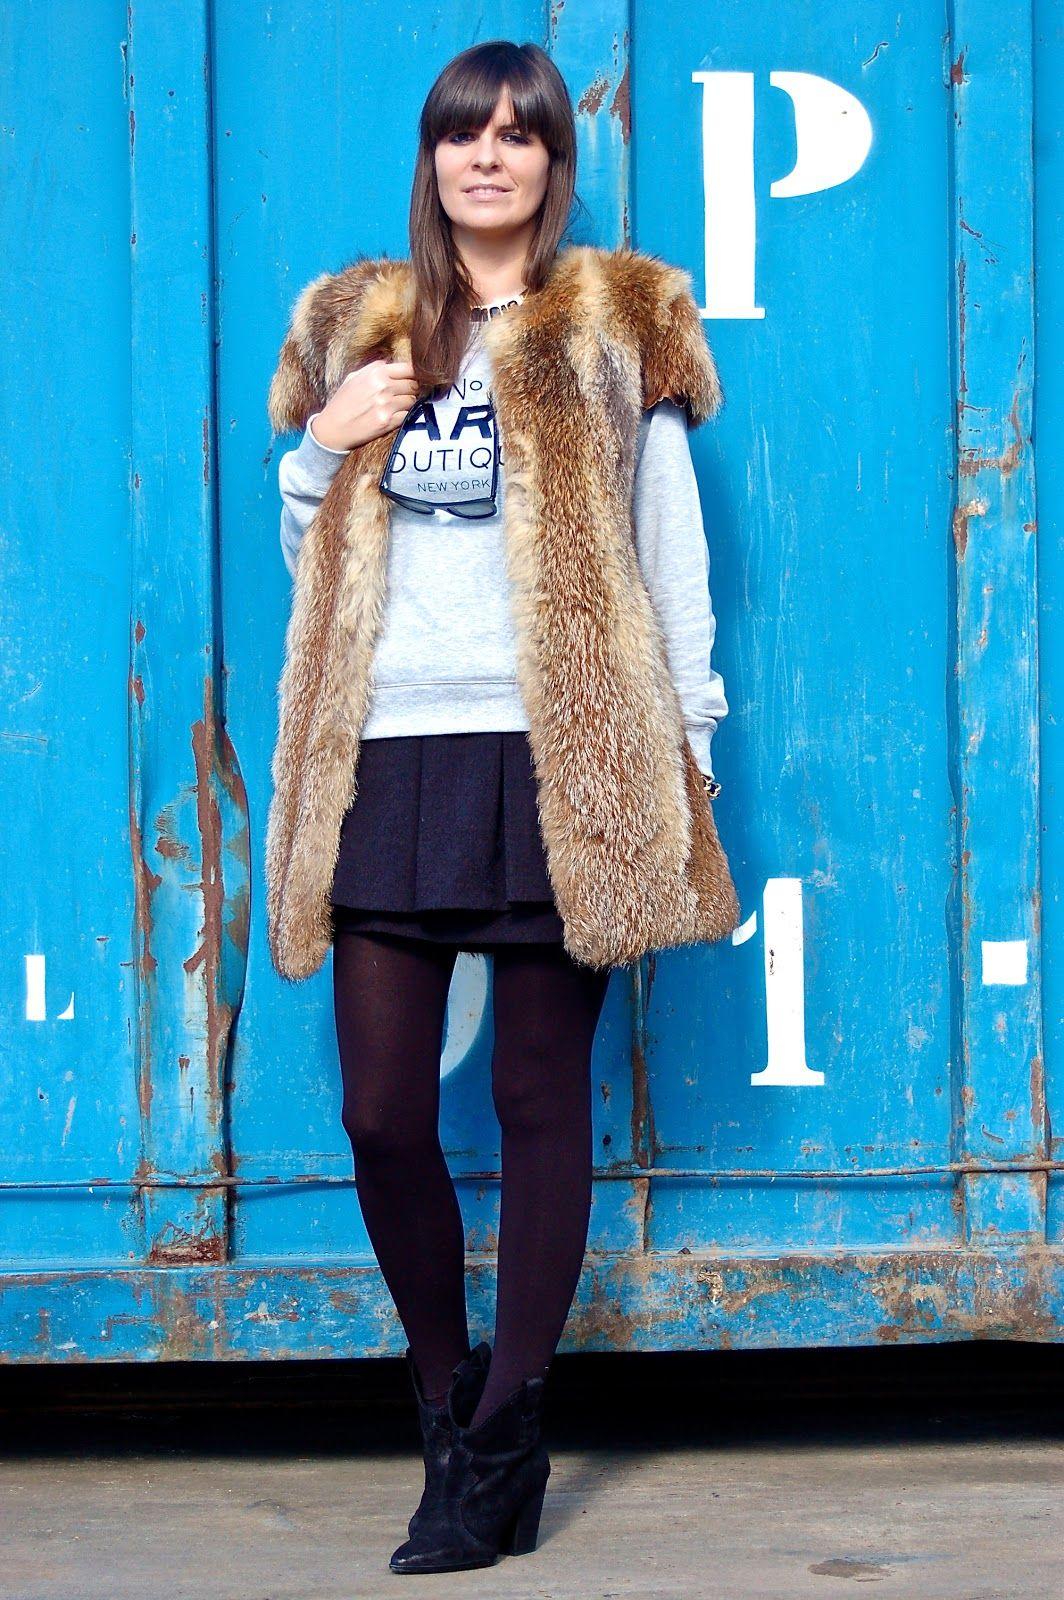 Noticias sobre moda y tendencias, looks y streetstyle en el blog de moda teteyelcircodelamoda.com: Nº 1 PARÍS BOUTIQUE NEW YORK